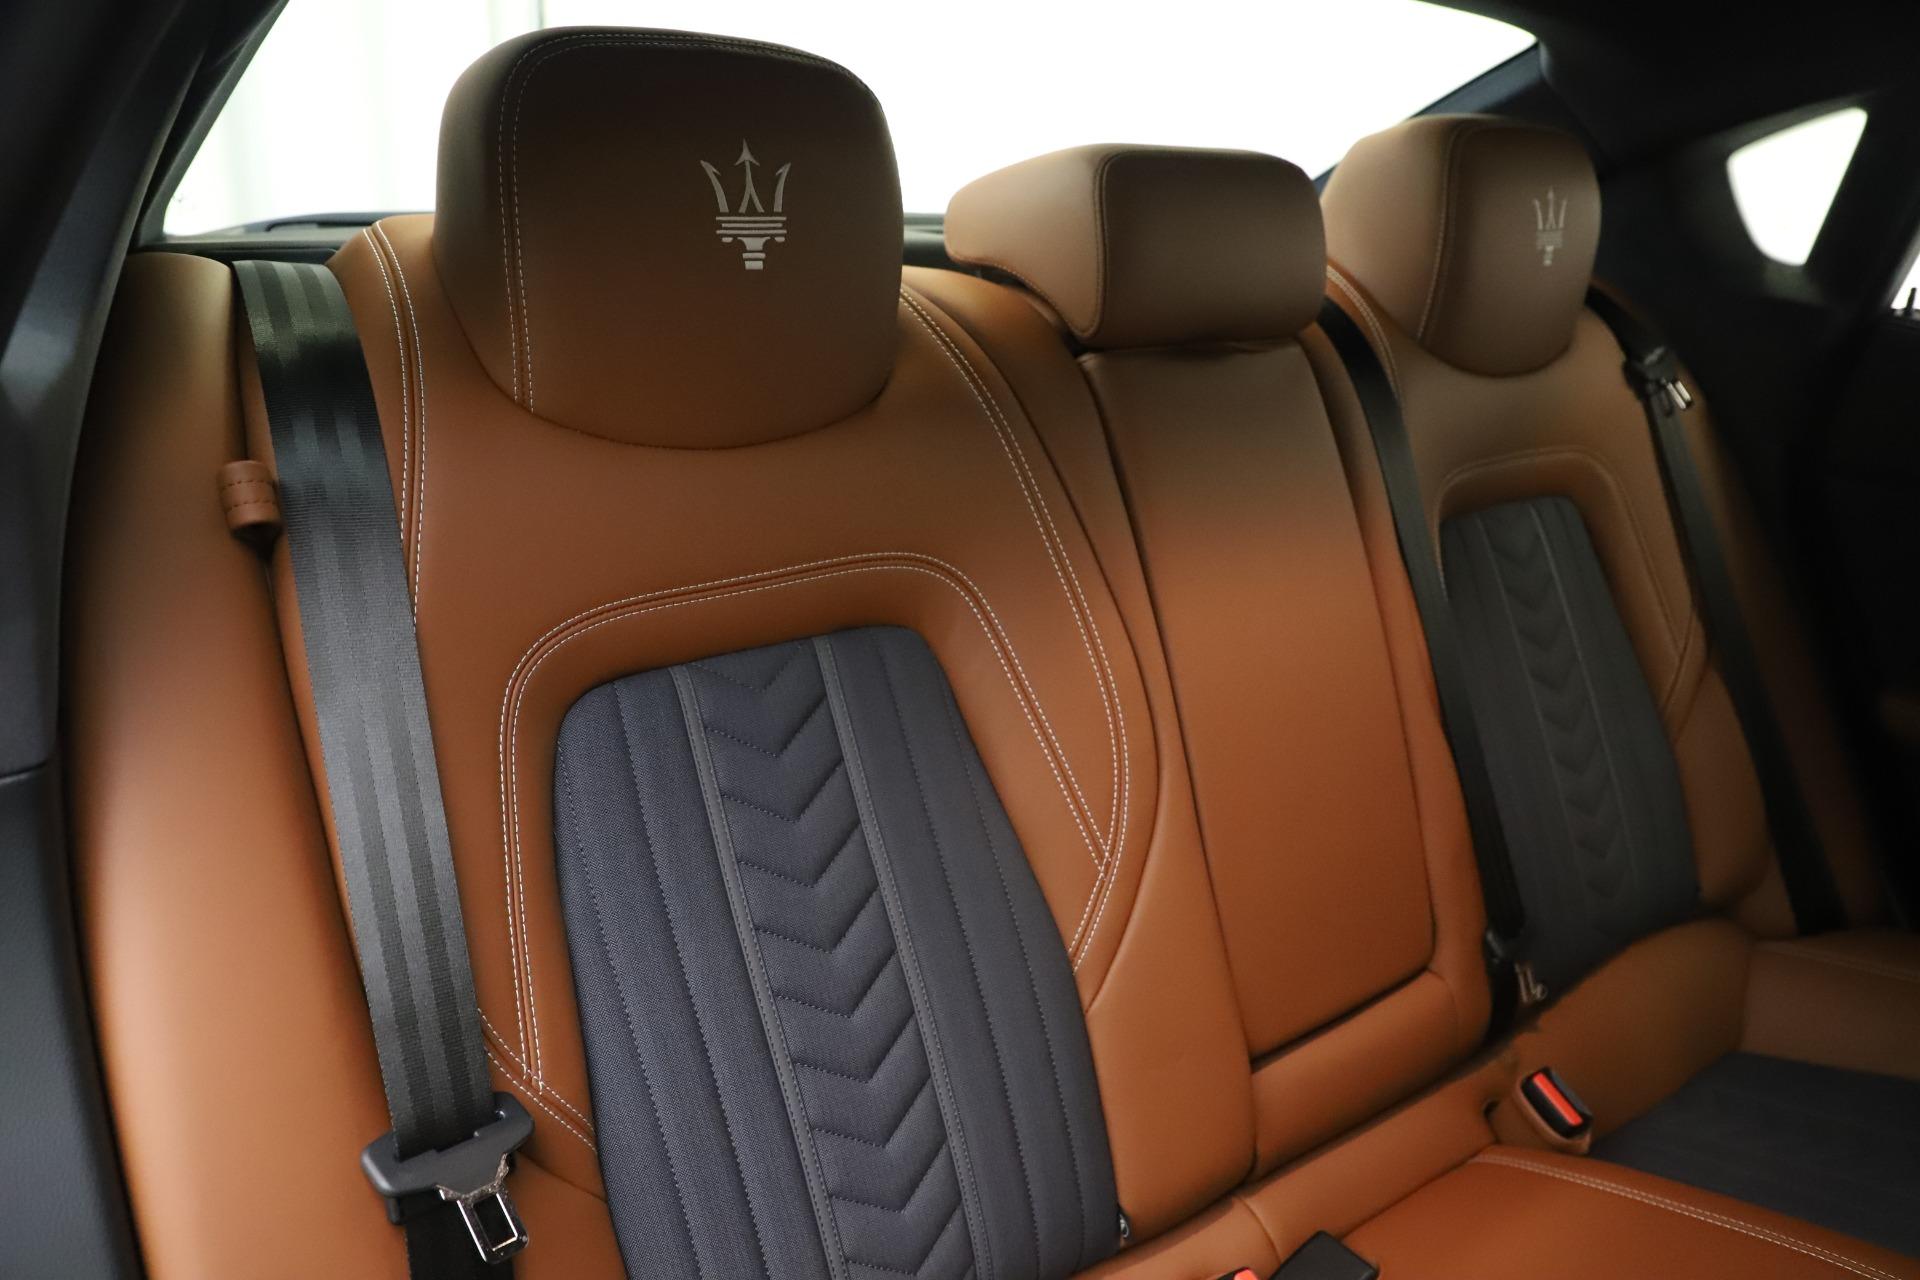 Used 2017 Maserati Quattroporte S Q4 GranLusso For Sale In Greenwich, CT 3553_p26